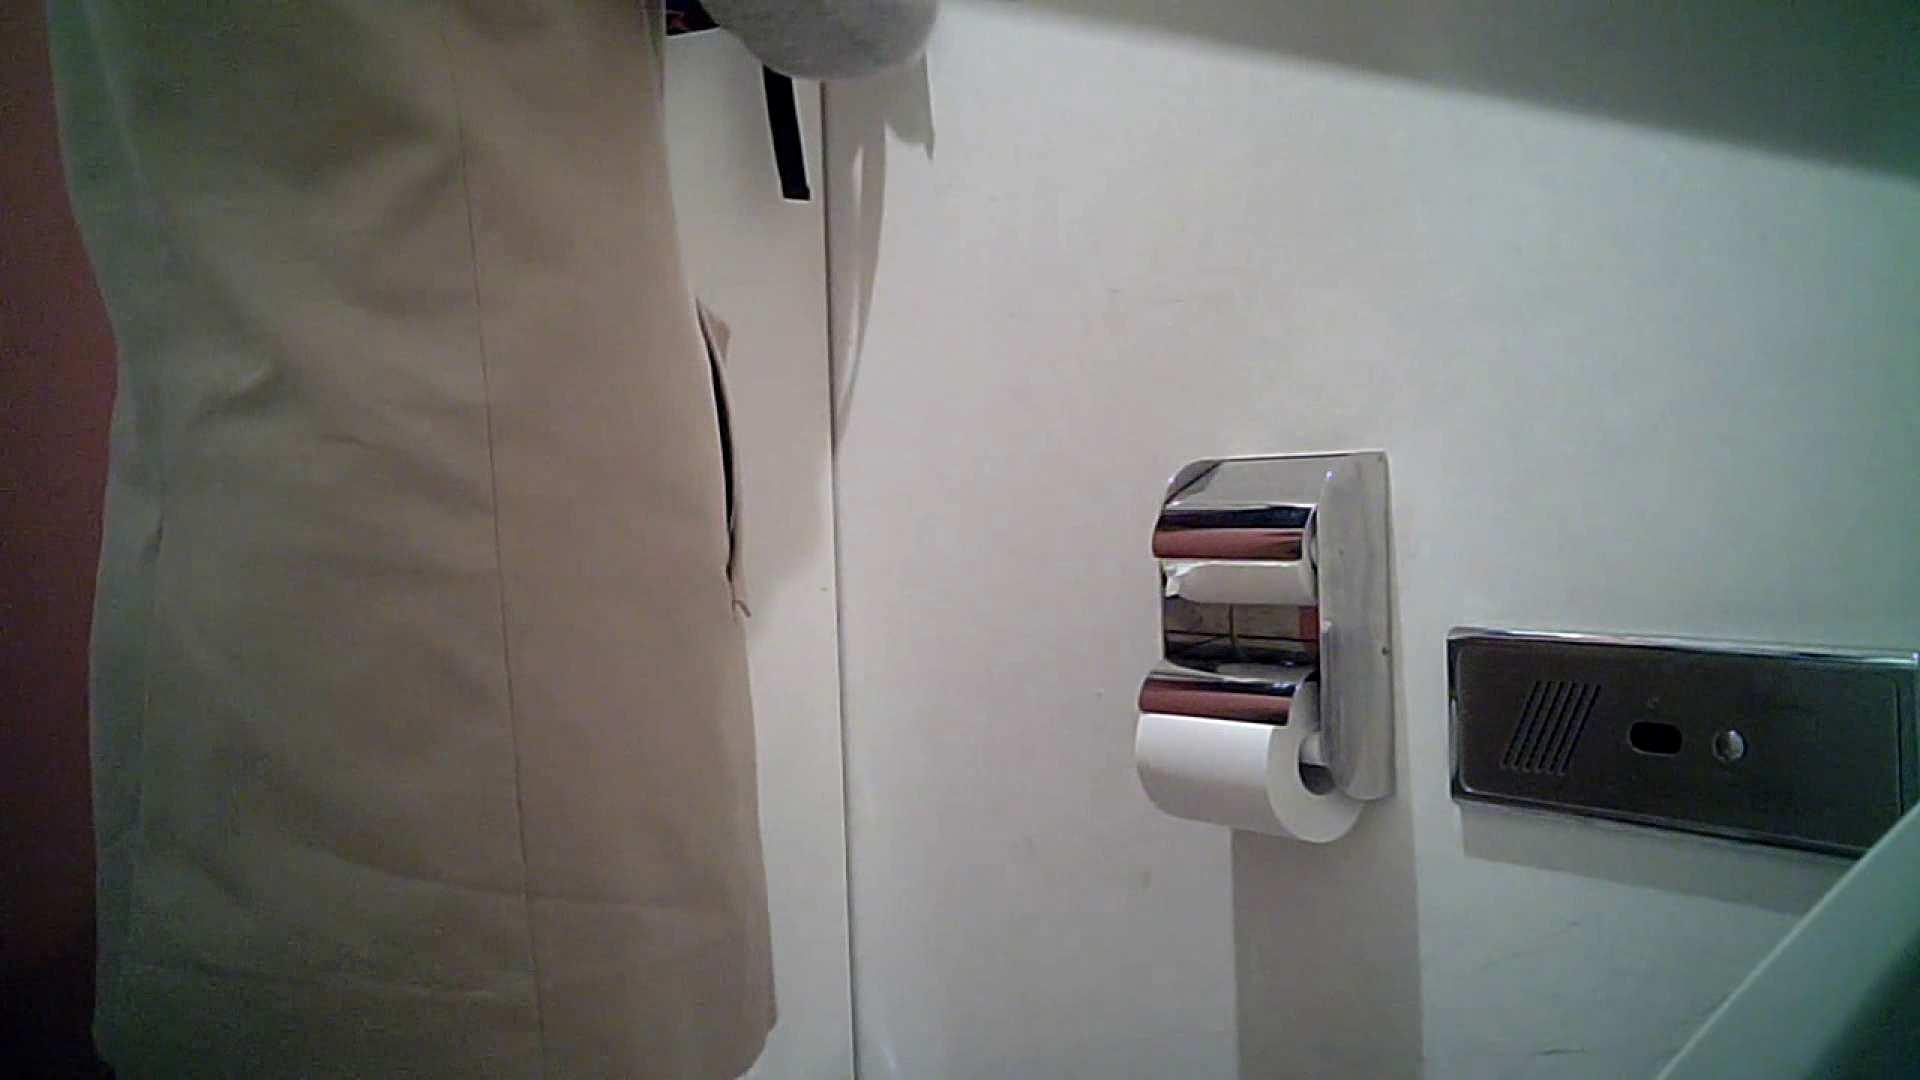 某有名大学女性洗面所 vol.26 和式 盗撮 107PIX 82